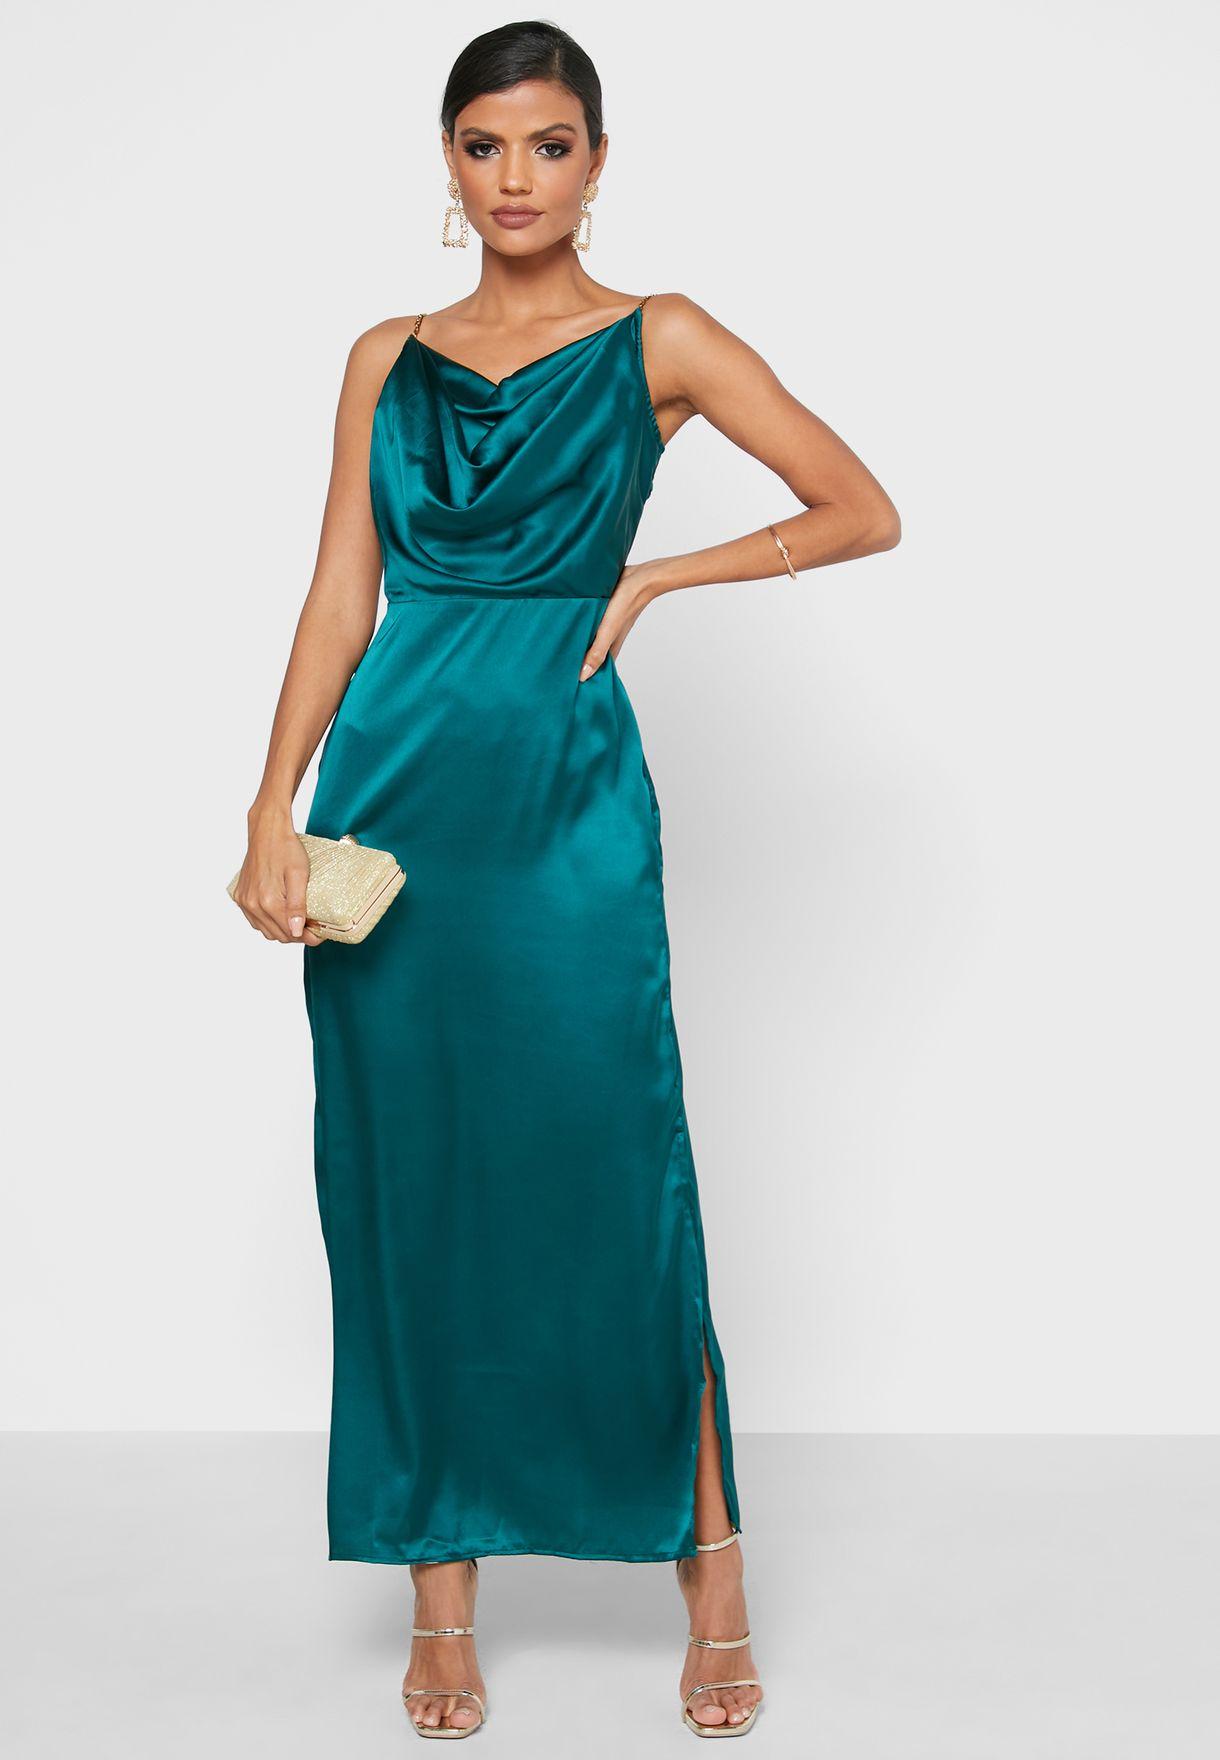 Cowl Neck Side Slit Dress